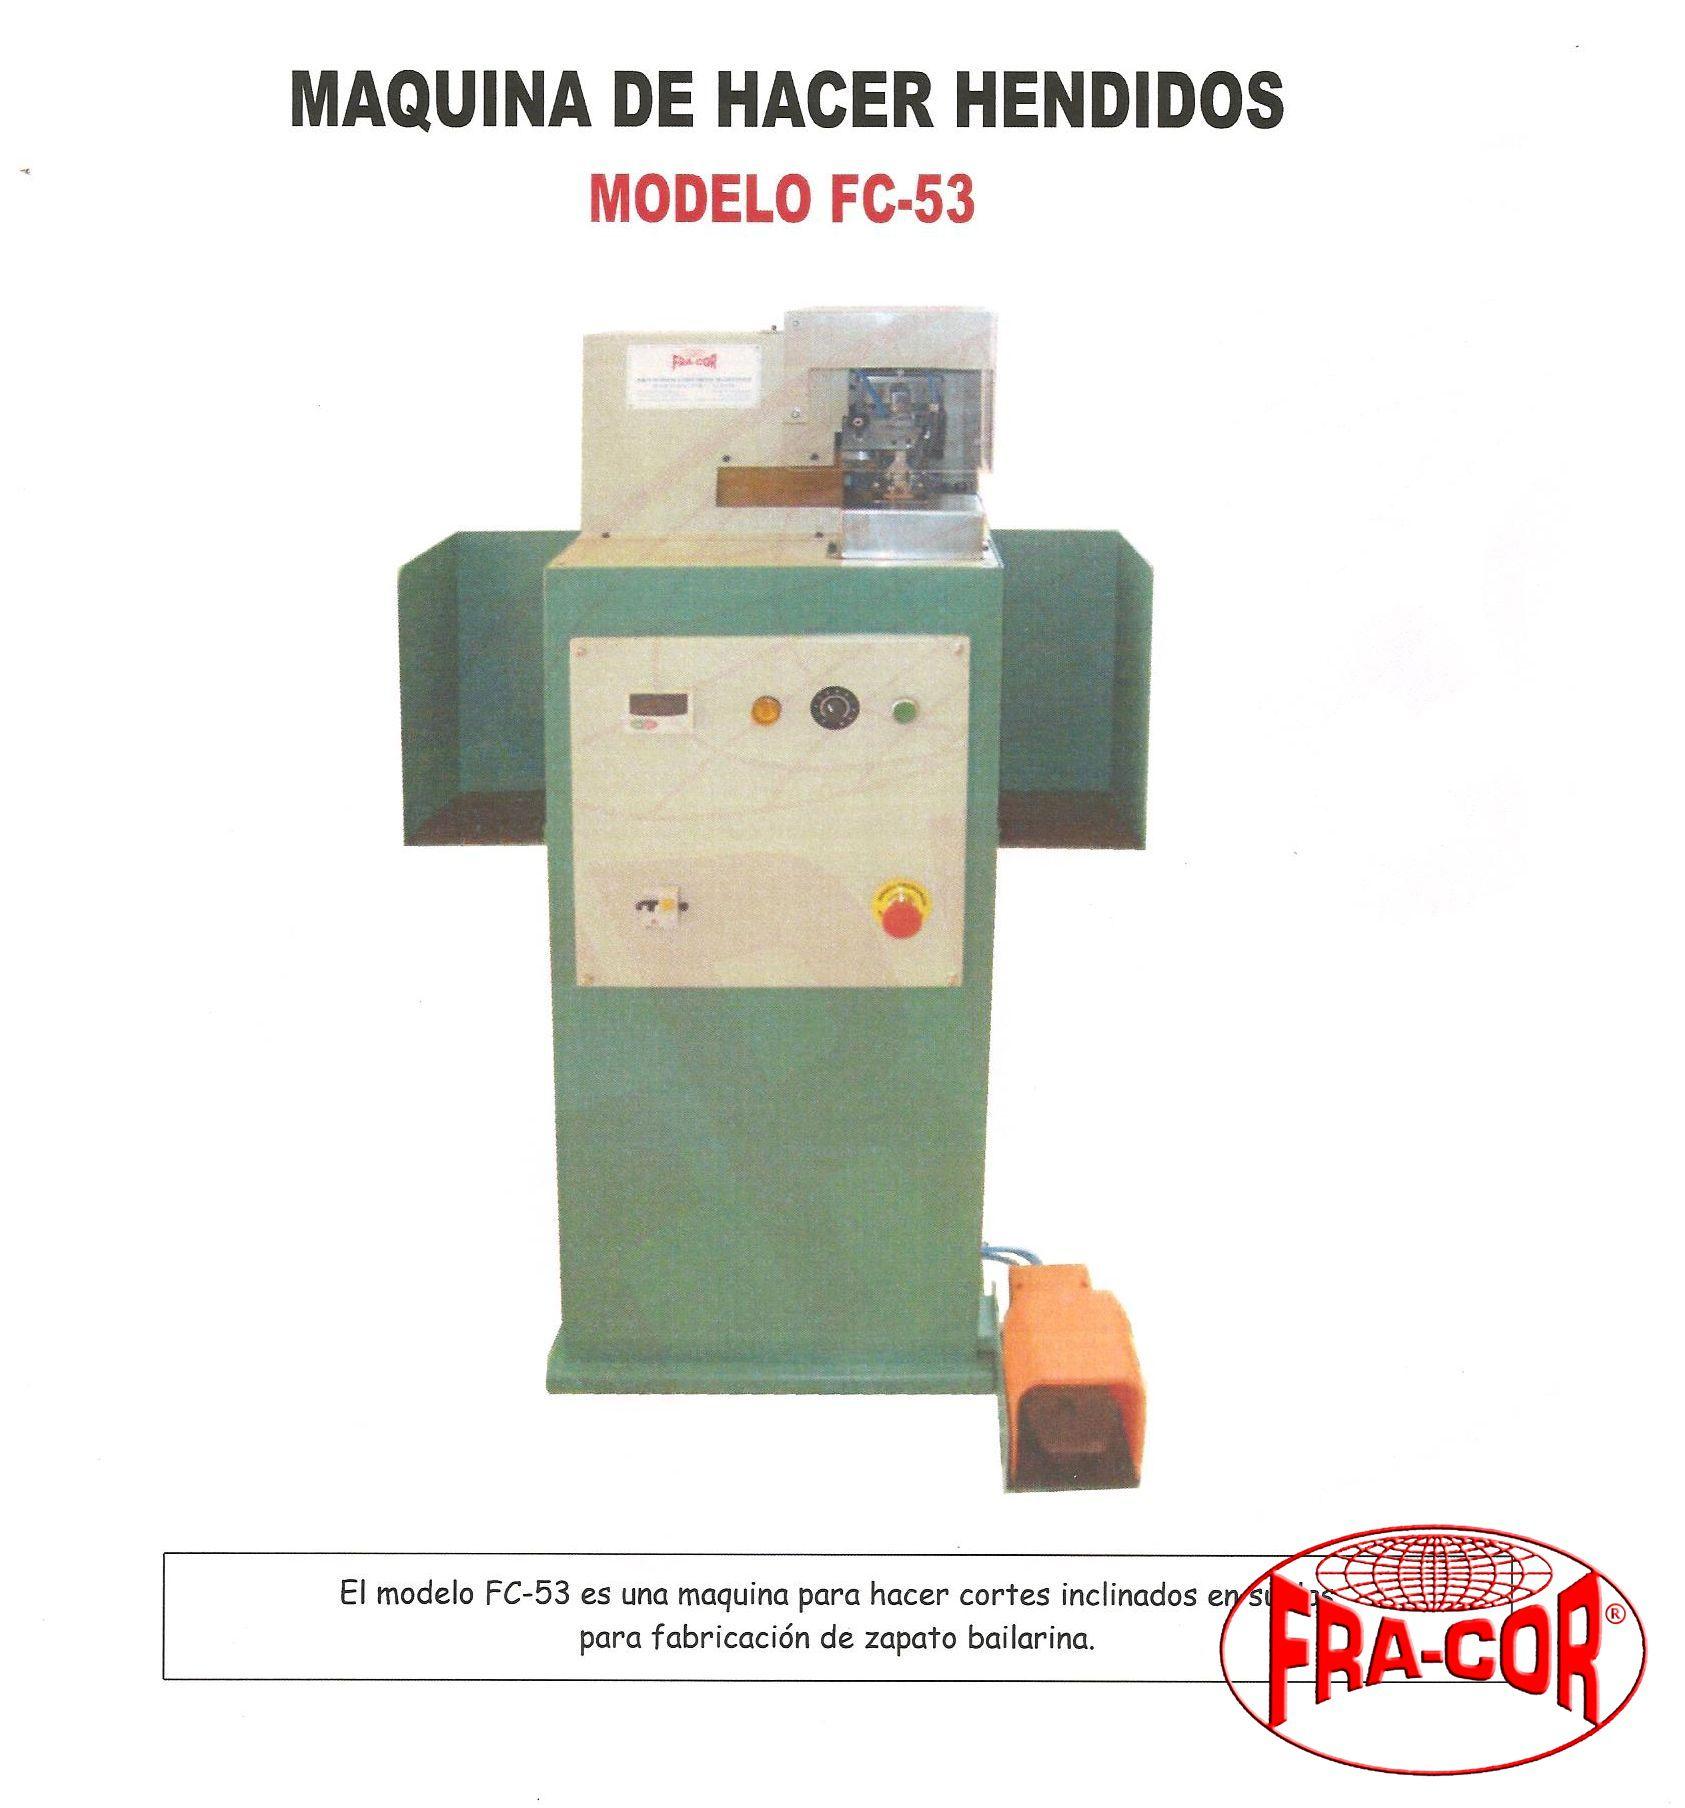 Hacer hendidos FC-53